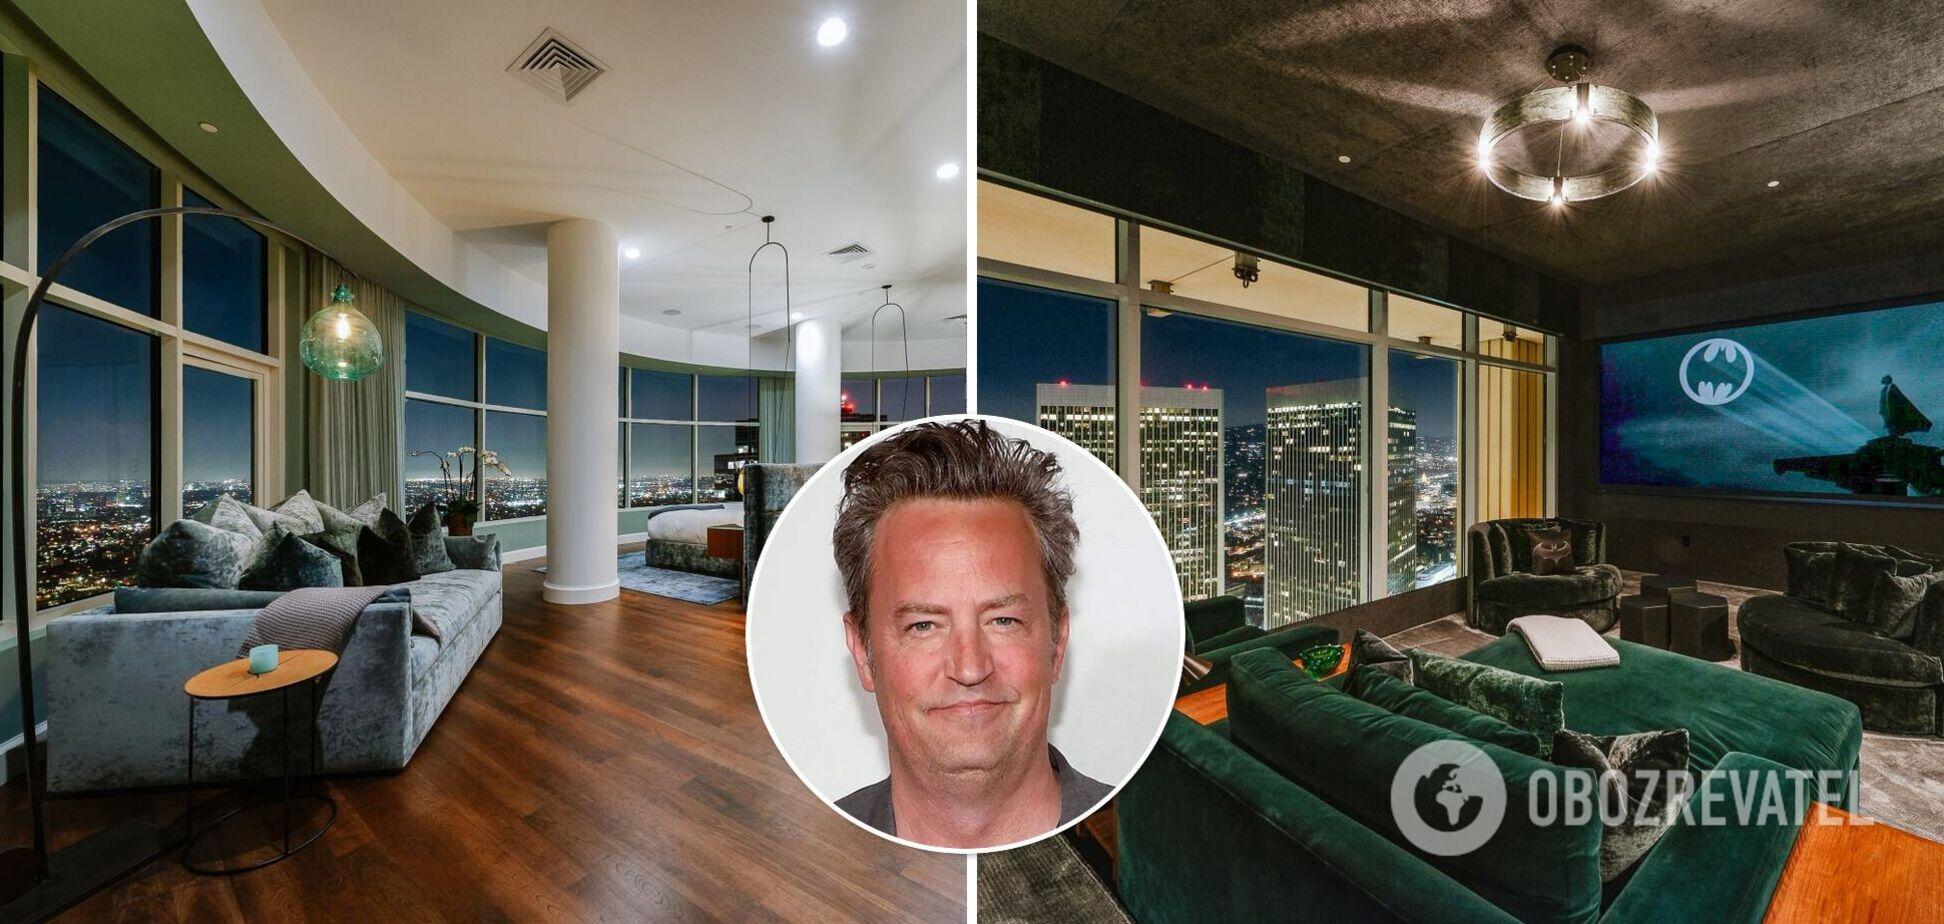 Зірка 'Друзів' продав одну з найдорожчих квартир Нью-Йорка: фото з 'маєтка в небі'